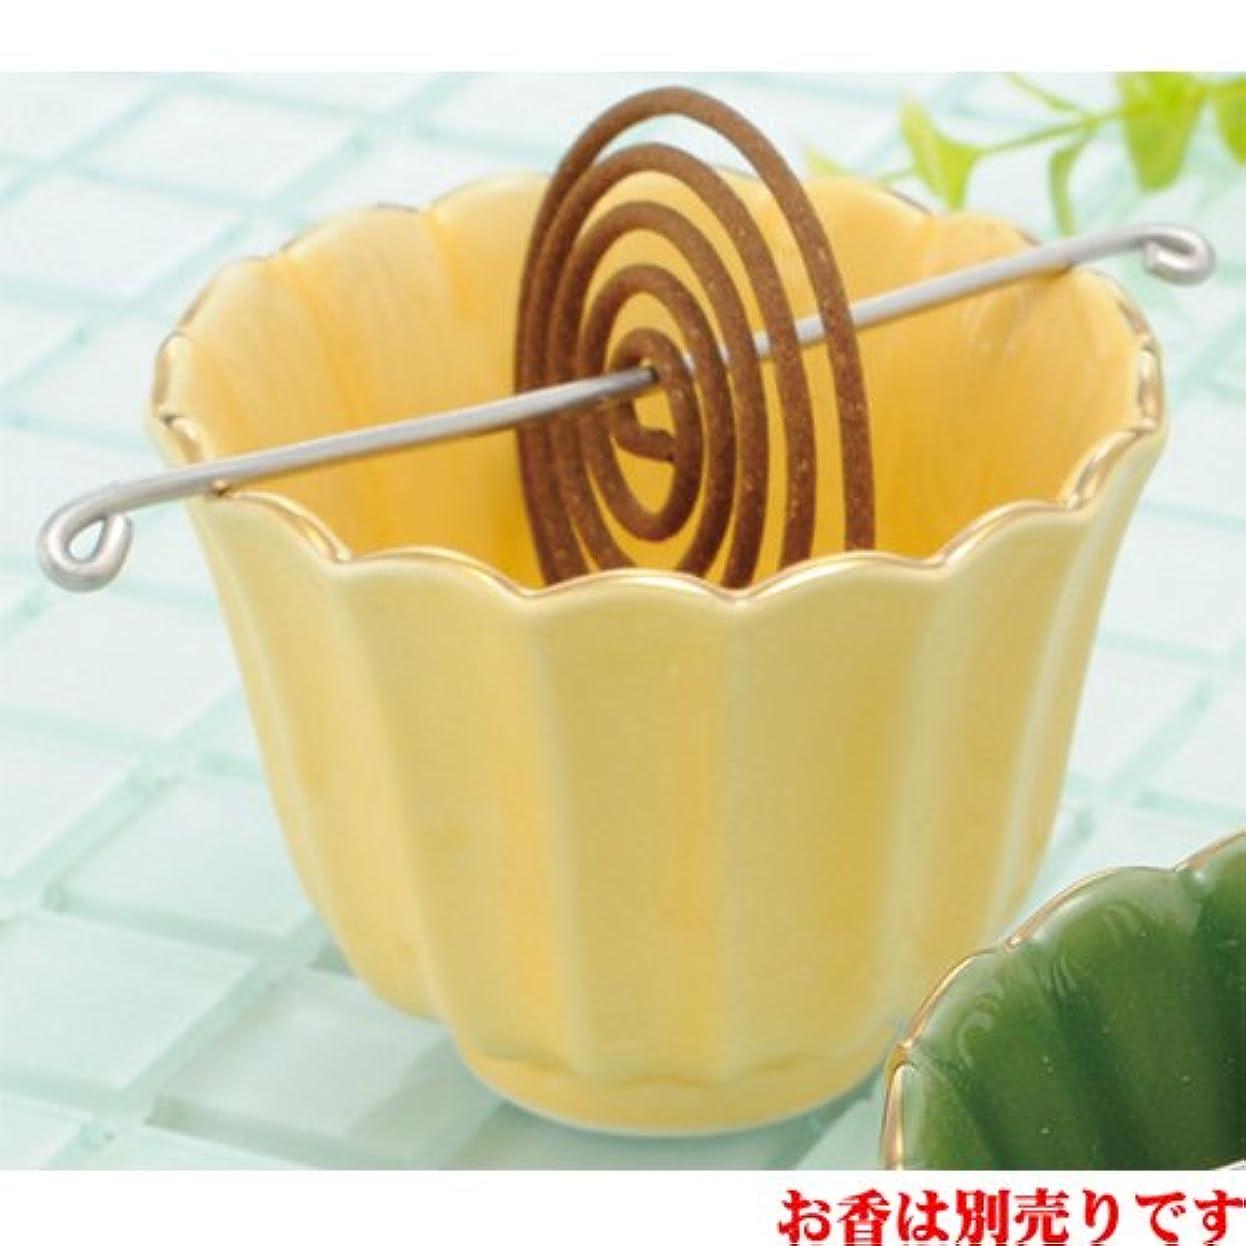 対立始めるしてはいけません香皿 菊型 香鉢(黄) [R8xH6.3cm] プレゼント ギフト 和食器 かわいい インテリア